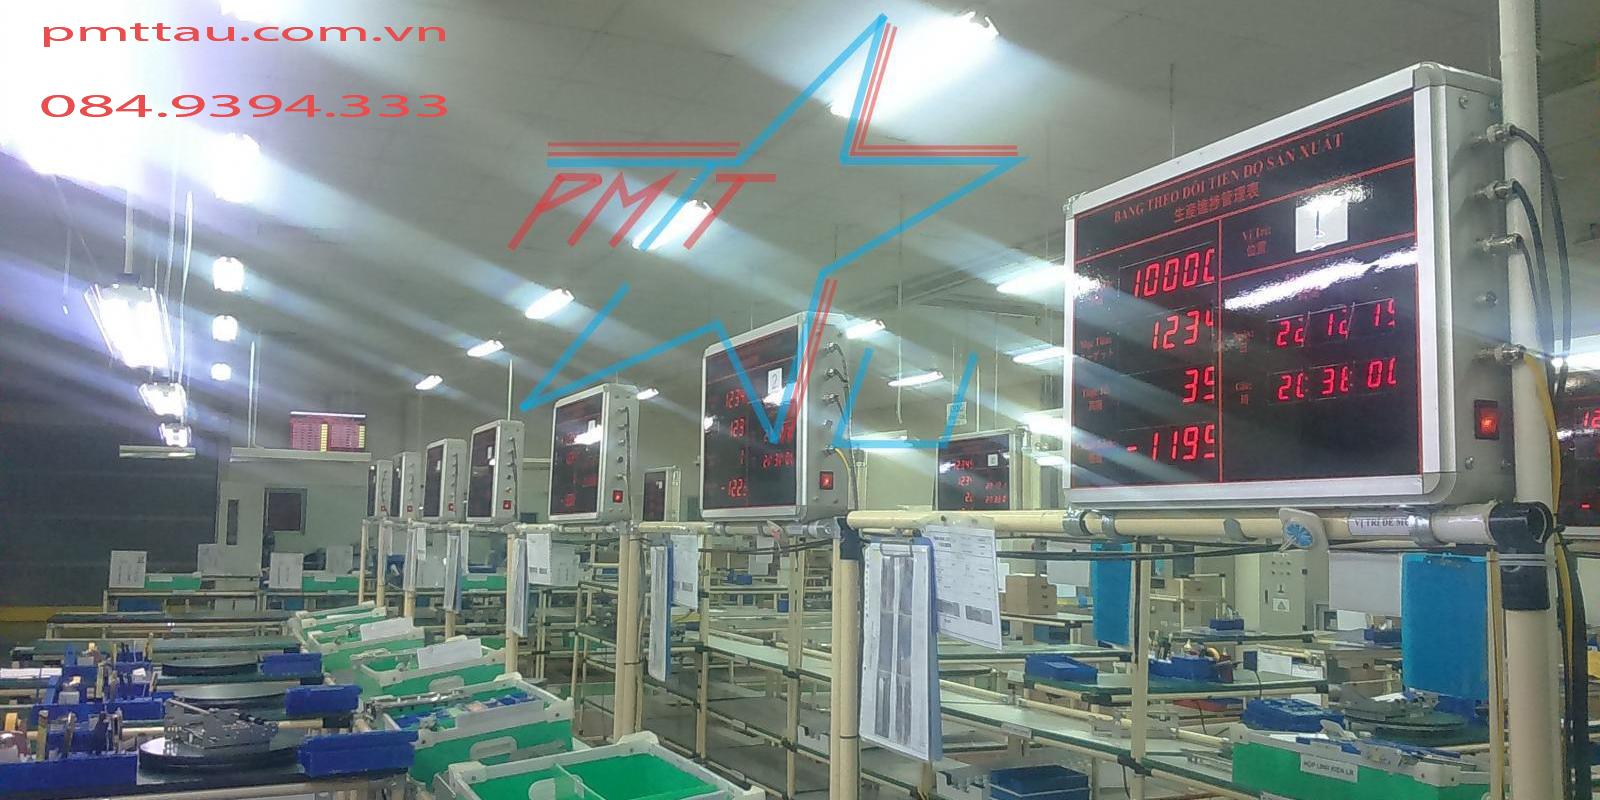 Hệ thống quản lý dây chuyền sản xuất máy đếm tiền